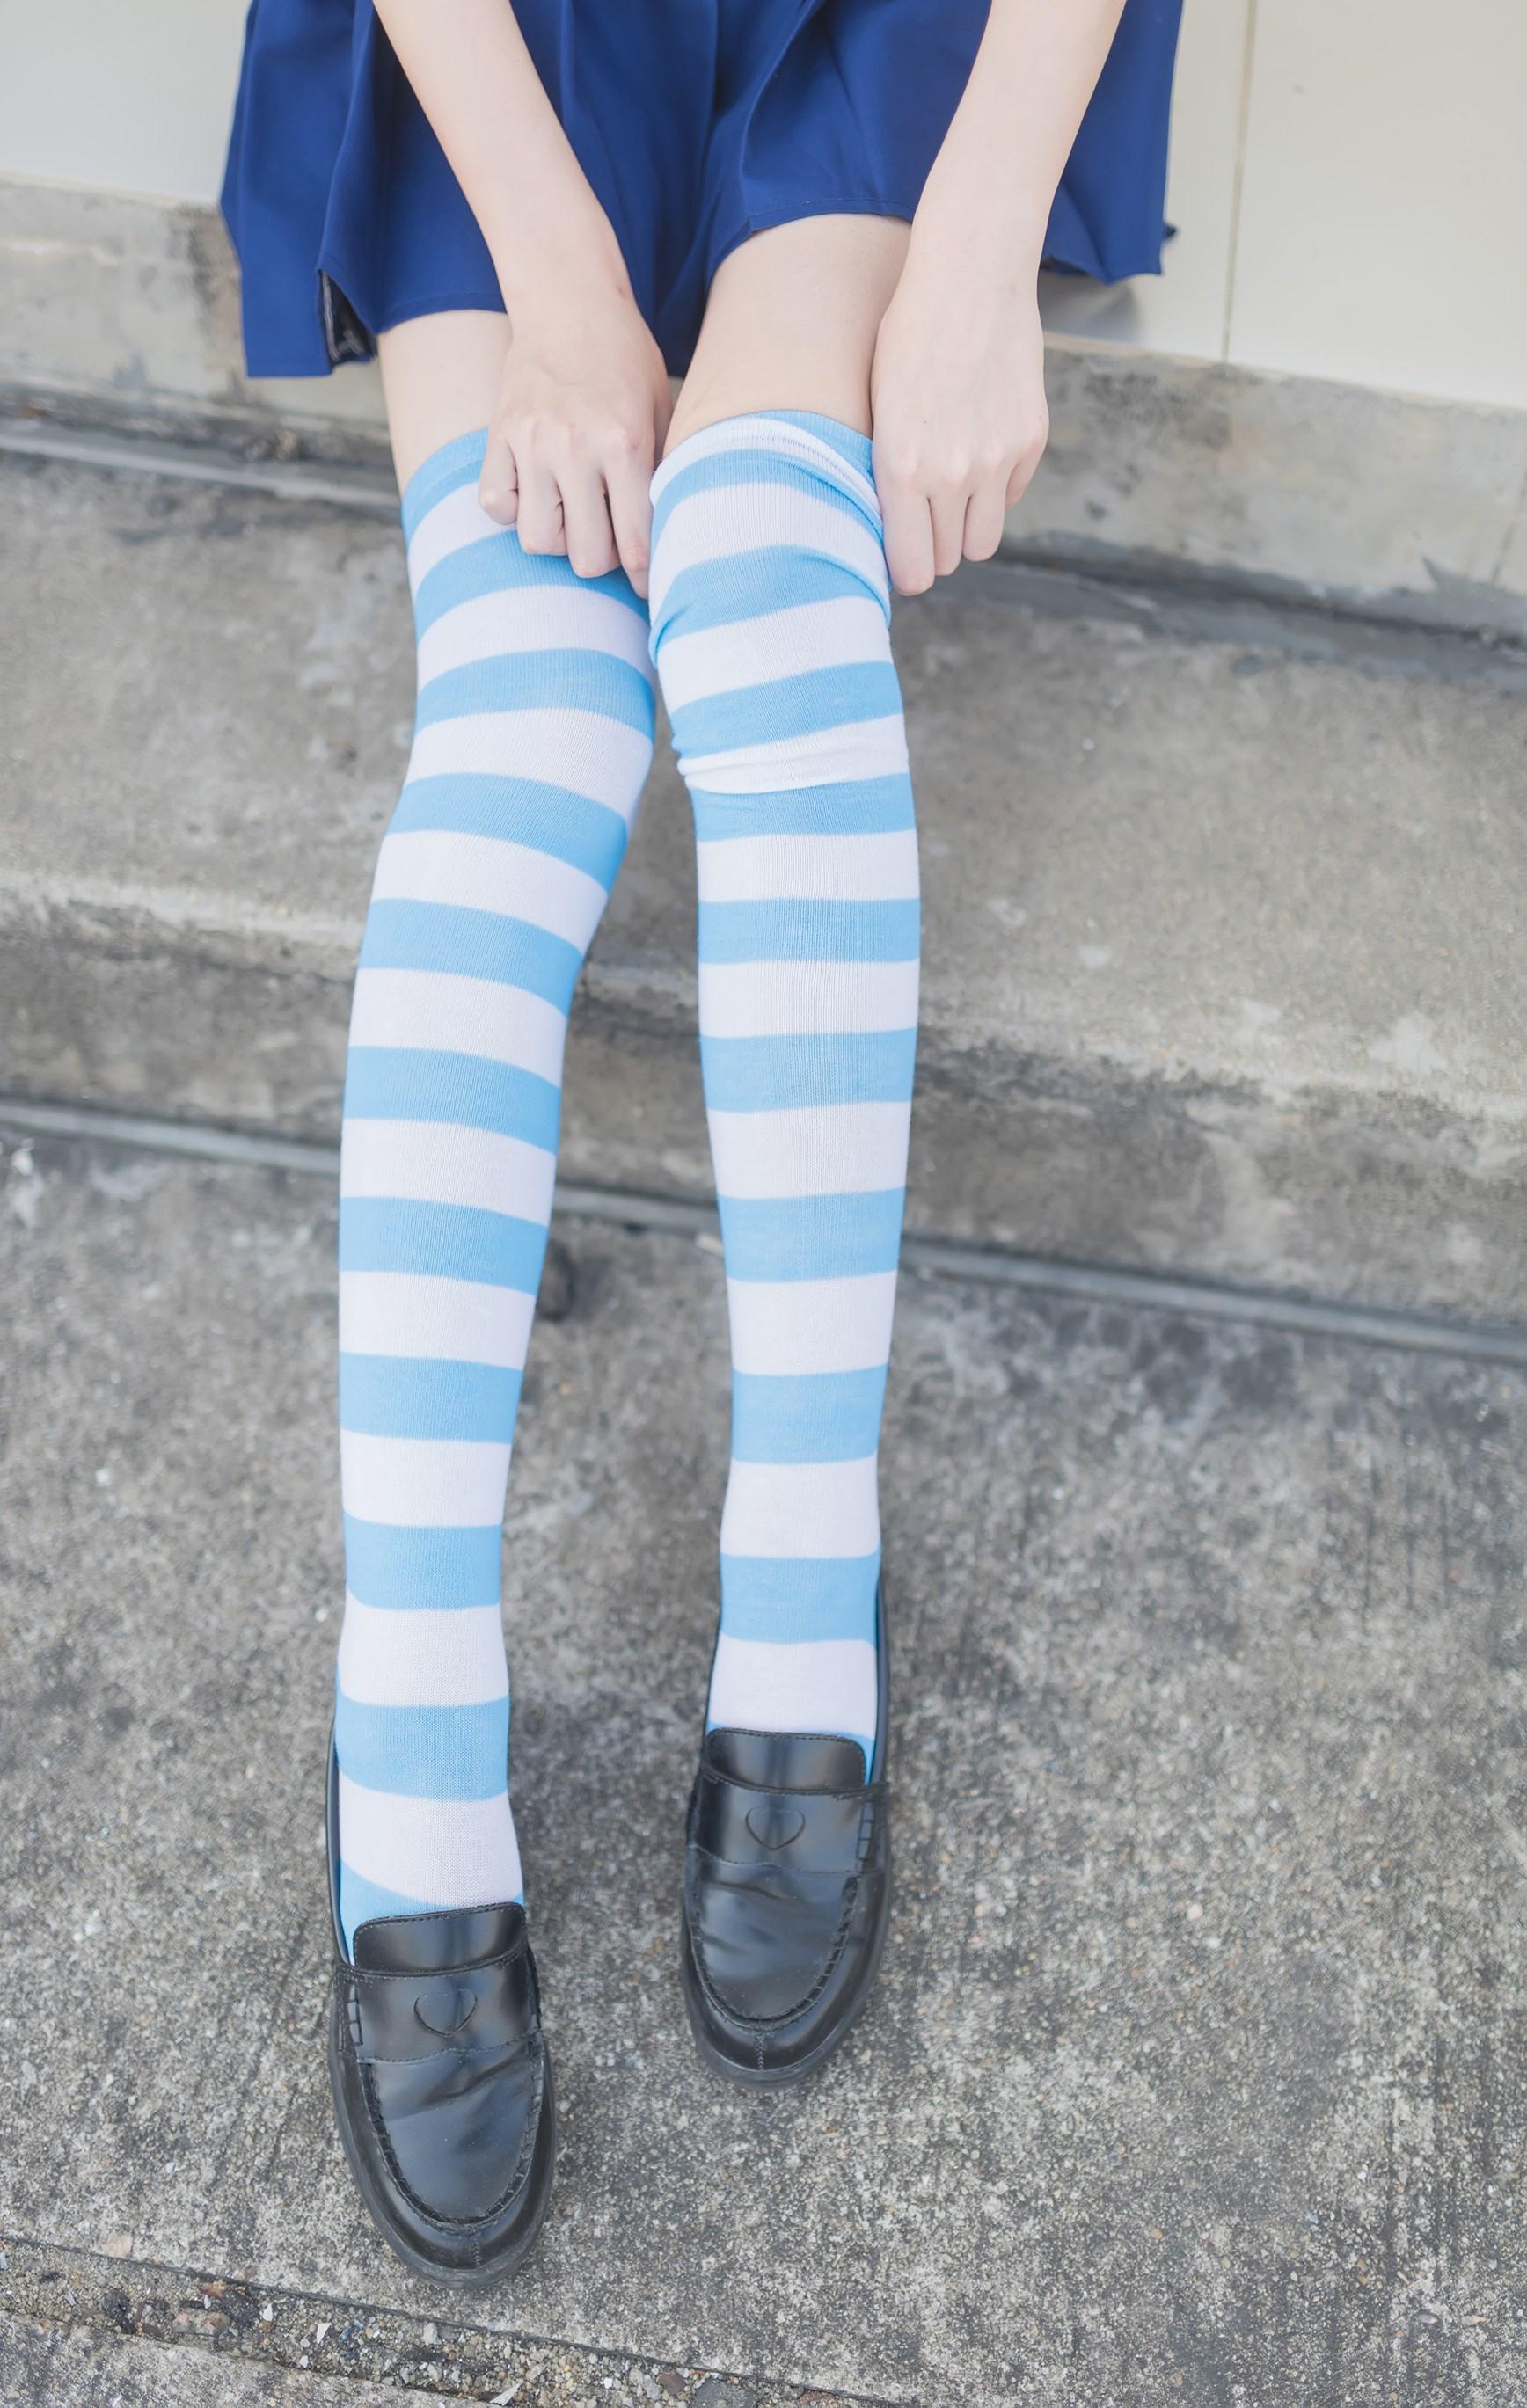 【兔玩映画】蓝白条纹的小细腿 兔玩映画 第30张